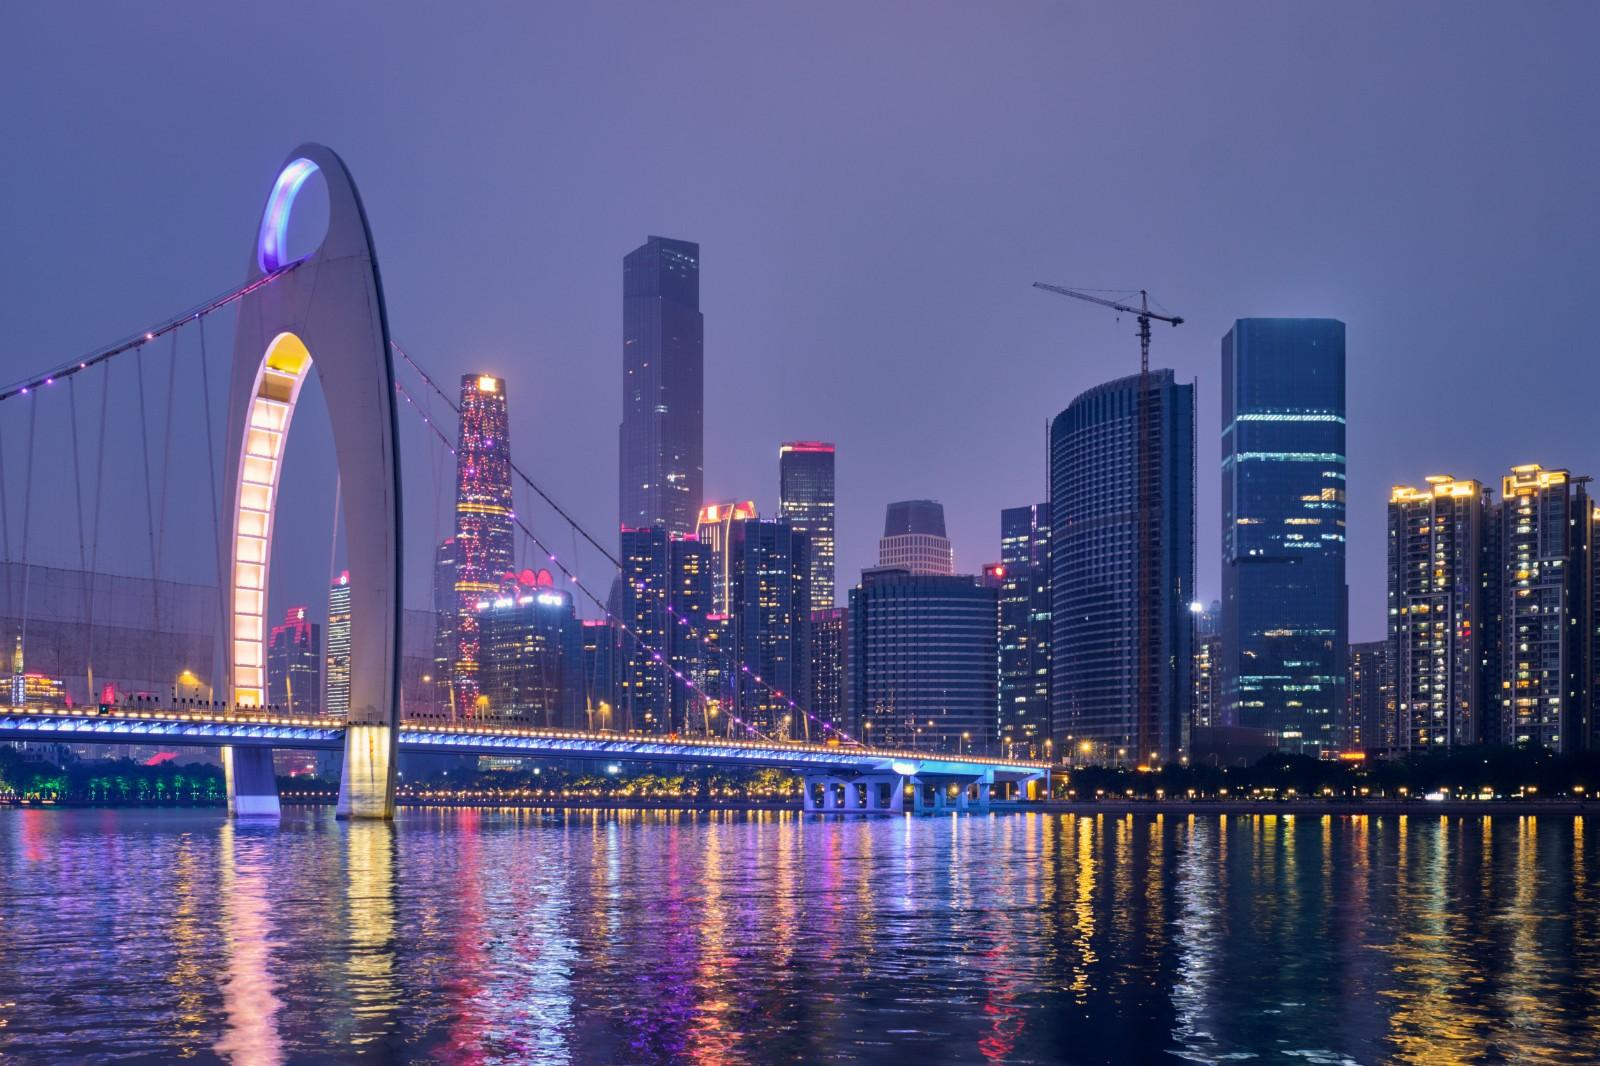 天津市代办公司企业营业执照共享减少注册资本撤出涉及到的两个税收现行政策